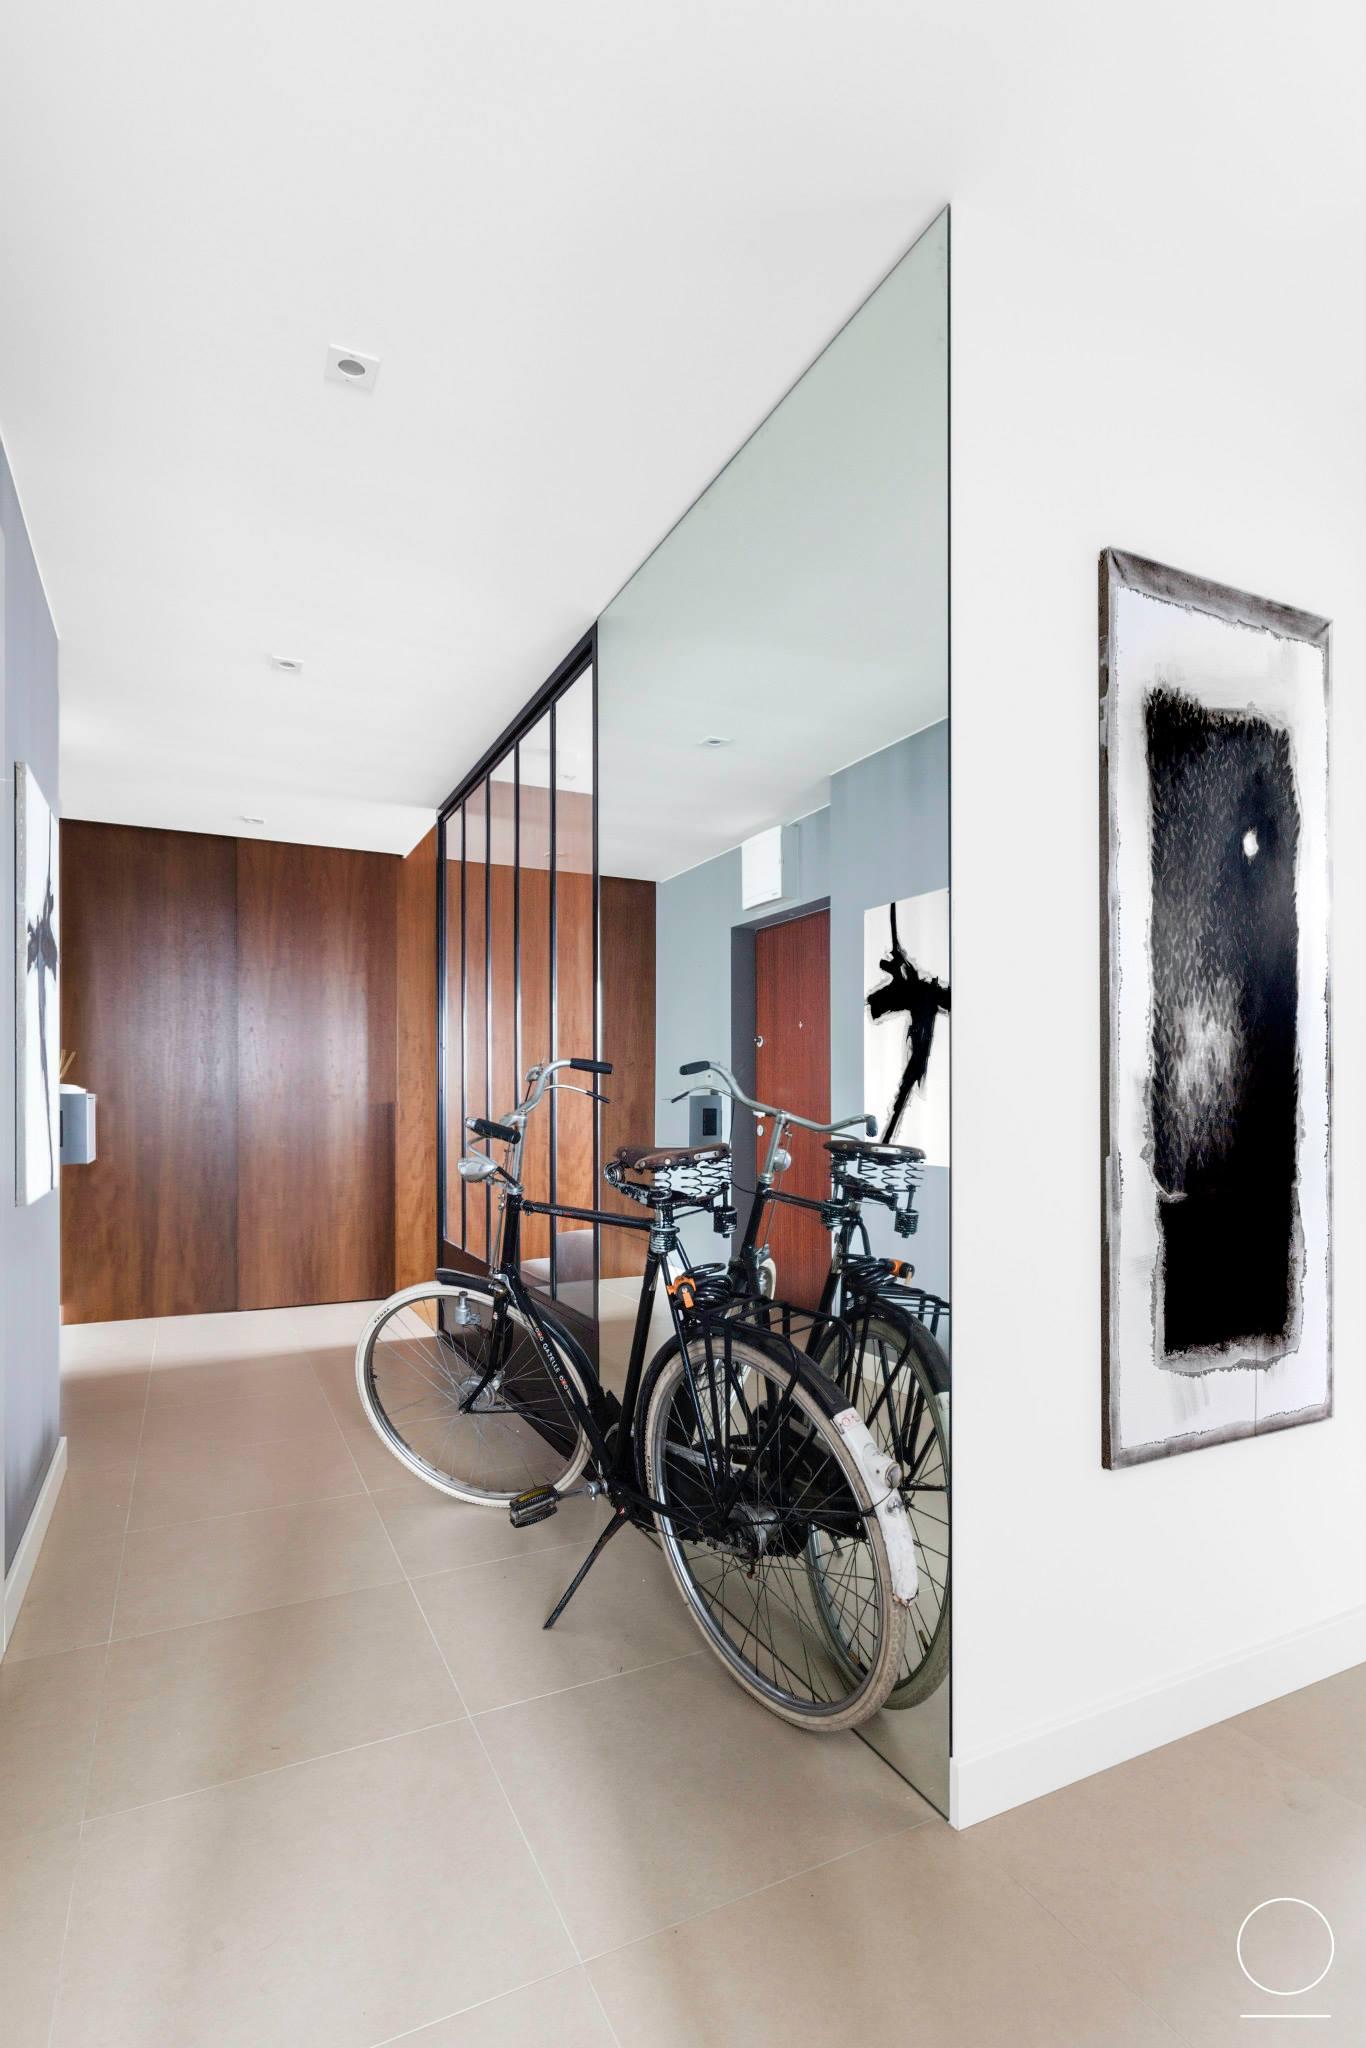 oikoi modern apartment3 Pokorna Apartments by Oikoi Studio